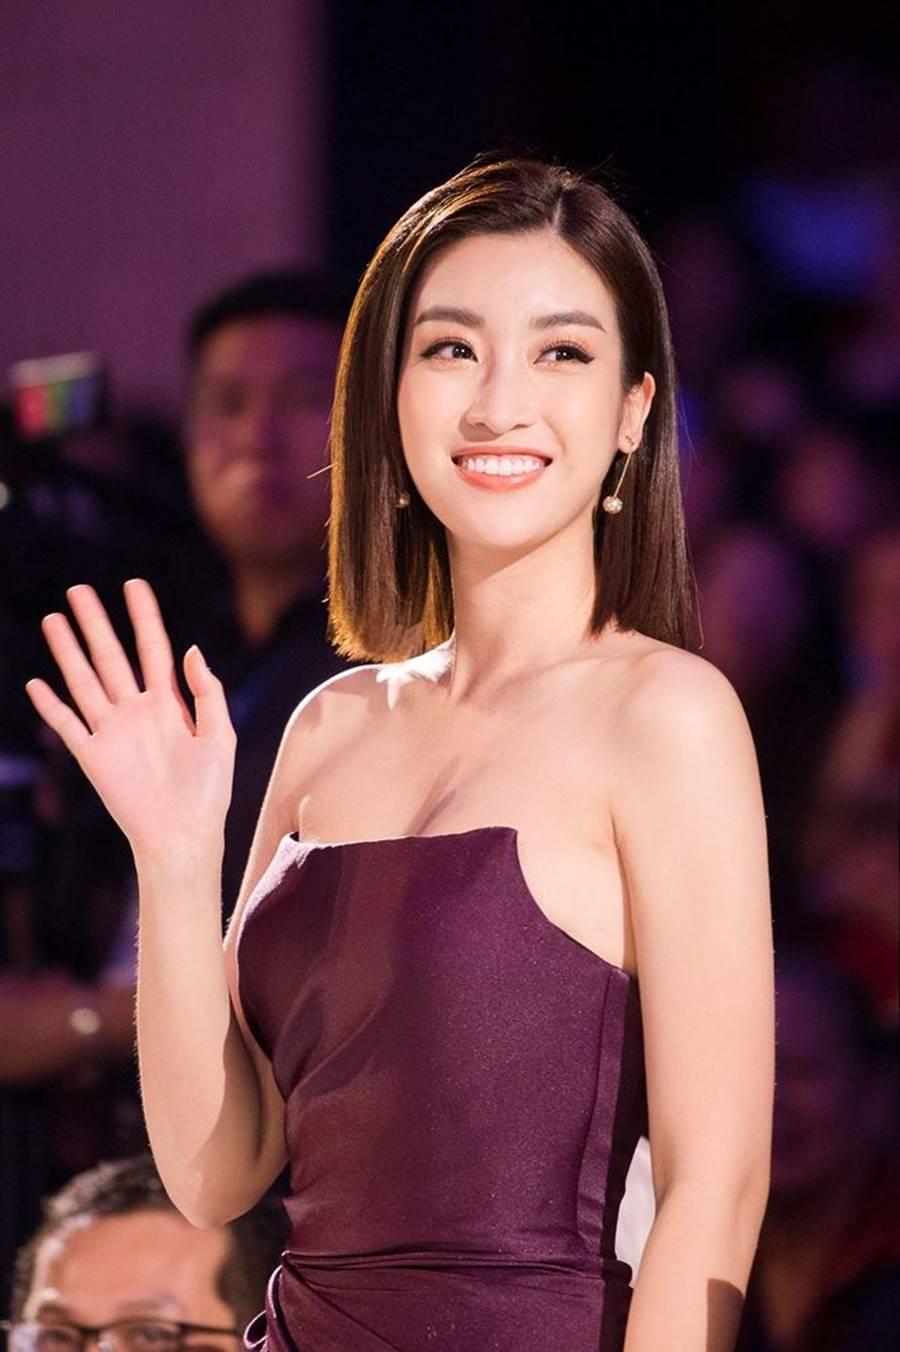 Hoa hậu Tiểu Vy, Á hậu Phương Nga đốn tim fans với váy áo lộng lẫy-17